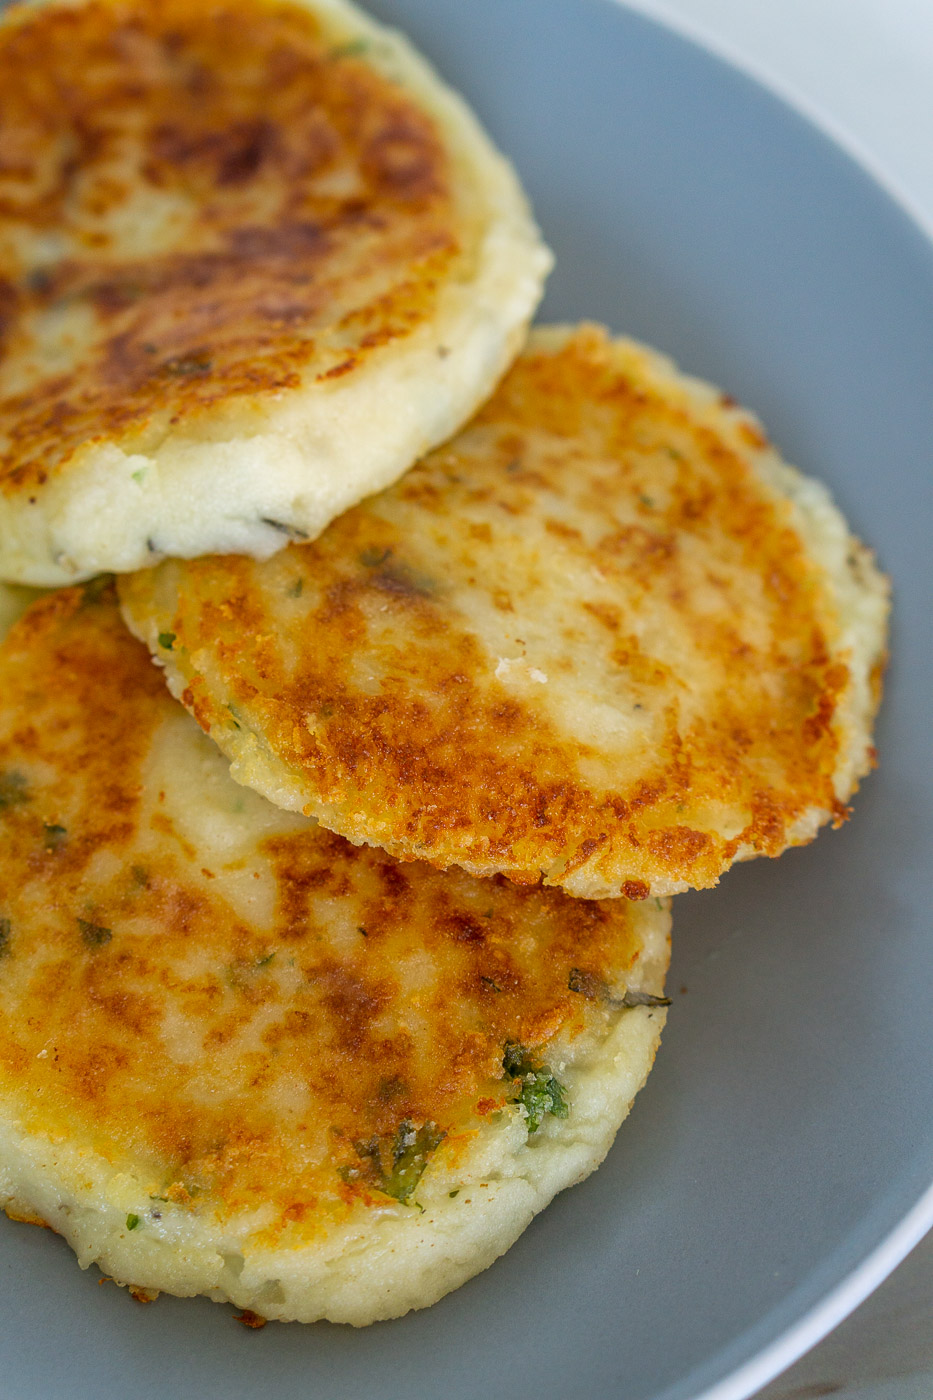 crispy mashed potato cakes on a plate